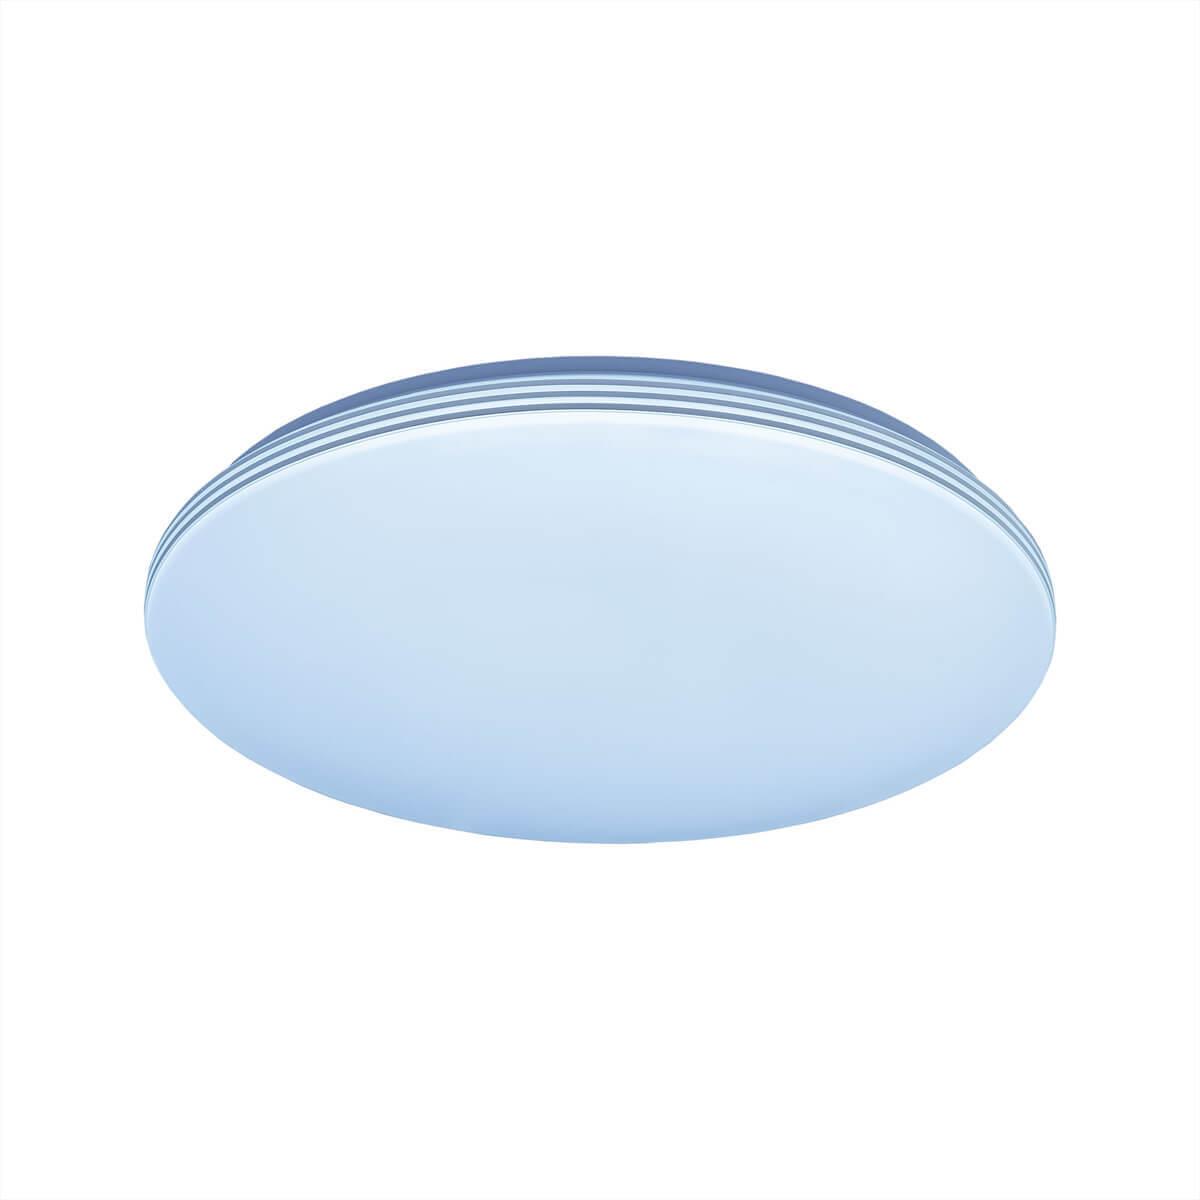 цена на Светильник Citilux CL714R36N Симпла (Пошаговое диммирование от настенного выключателя)